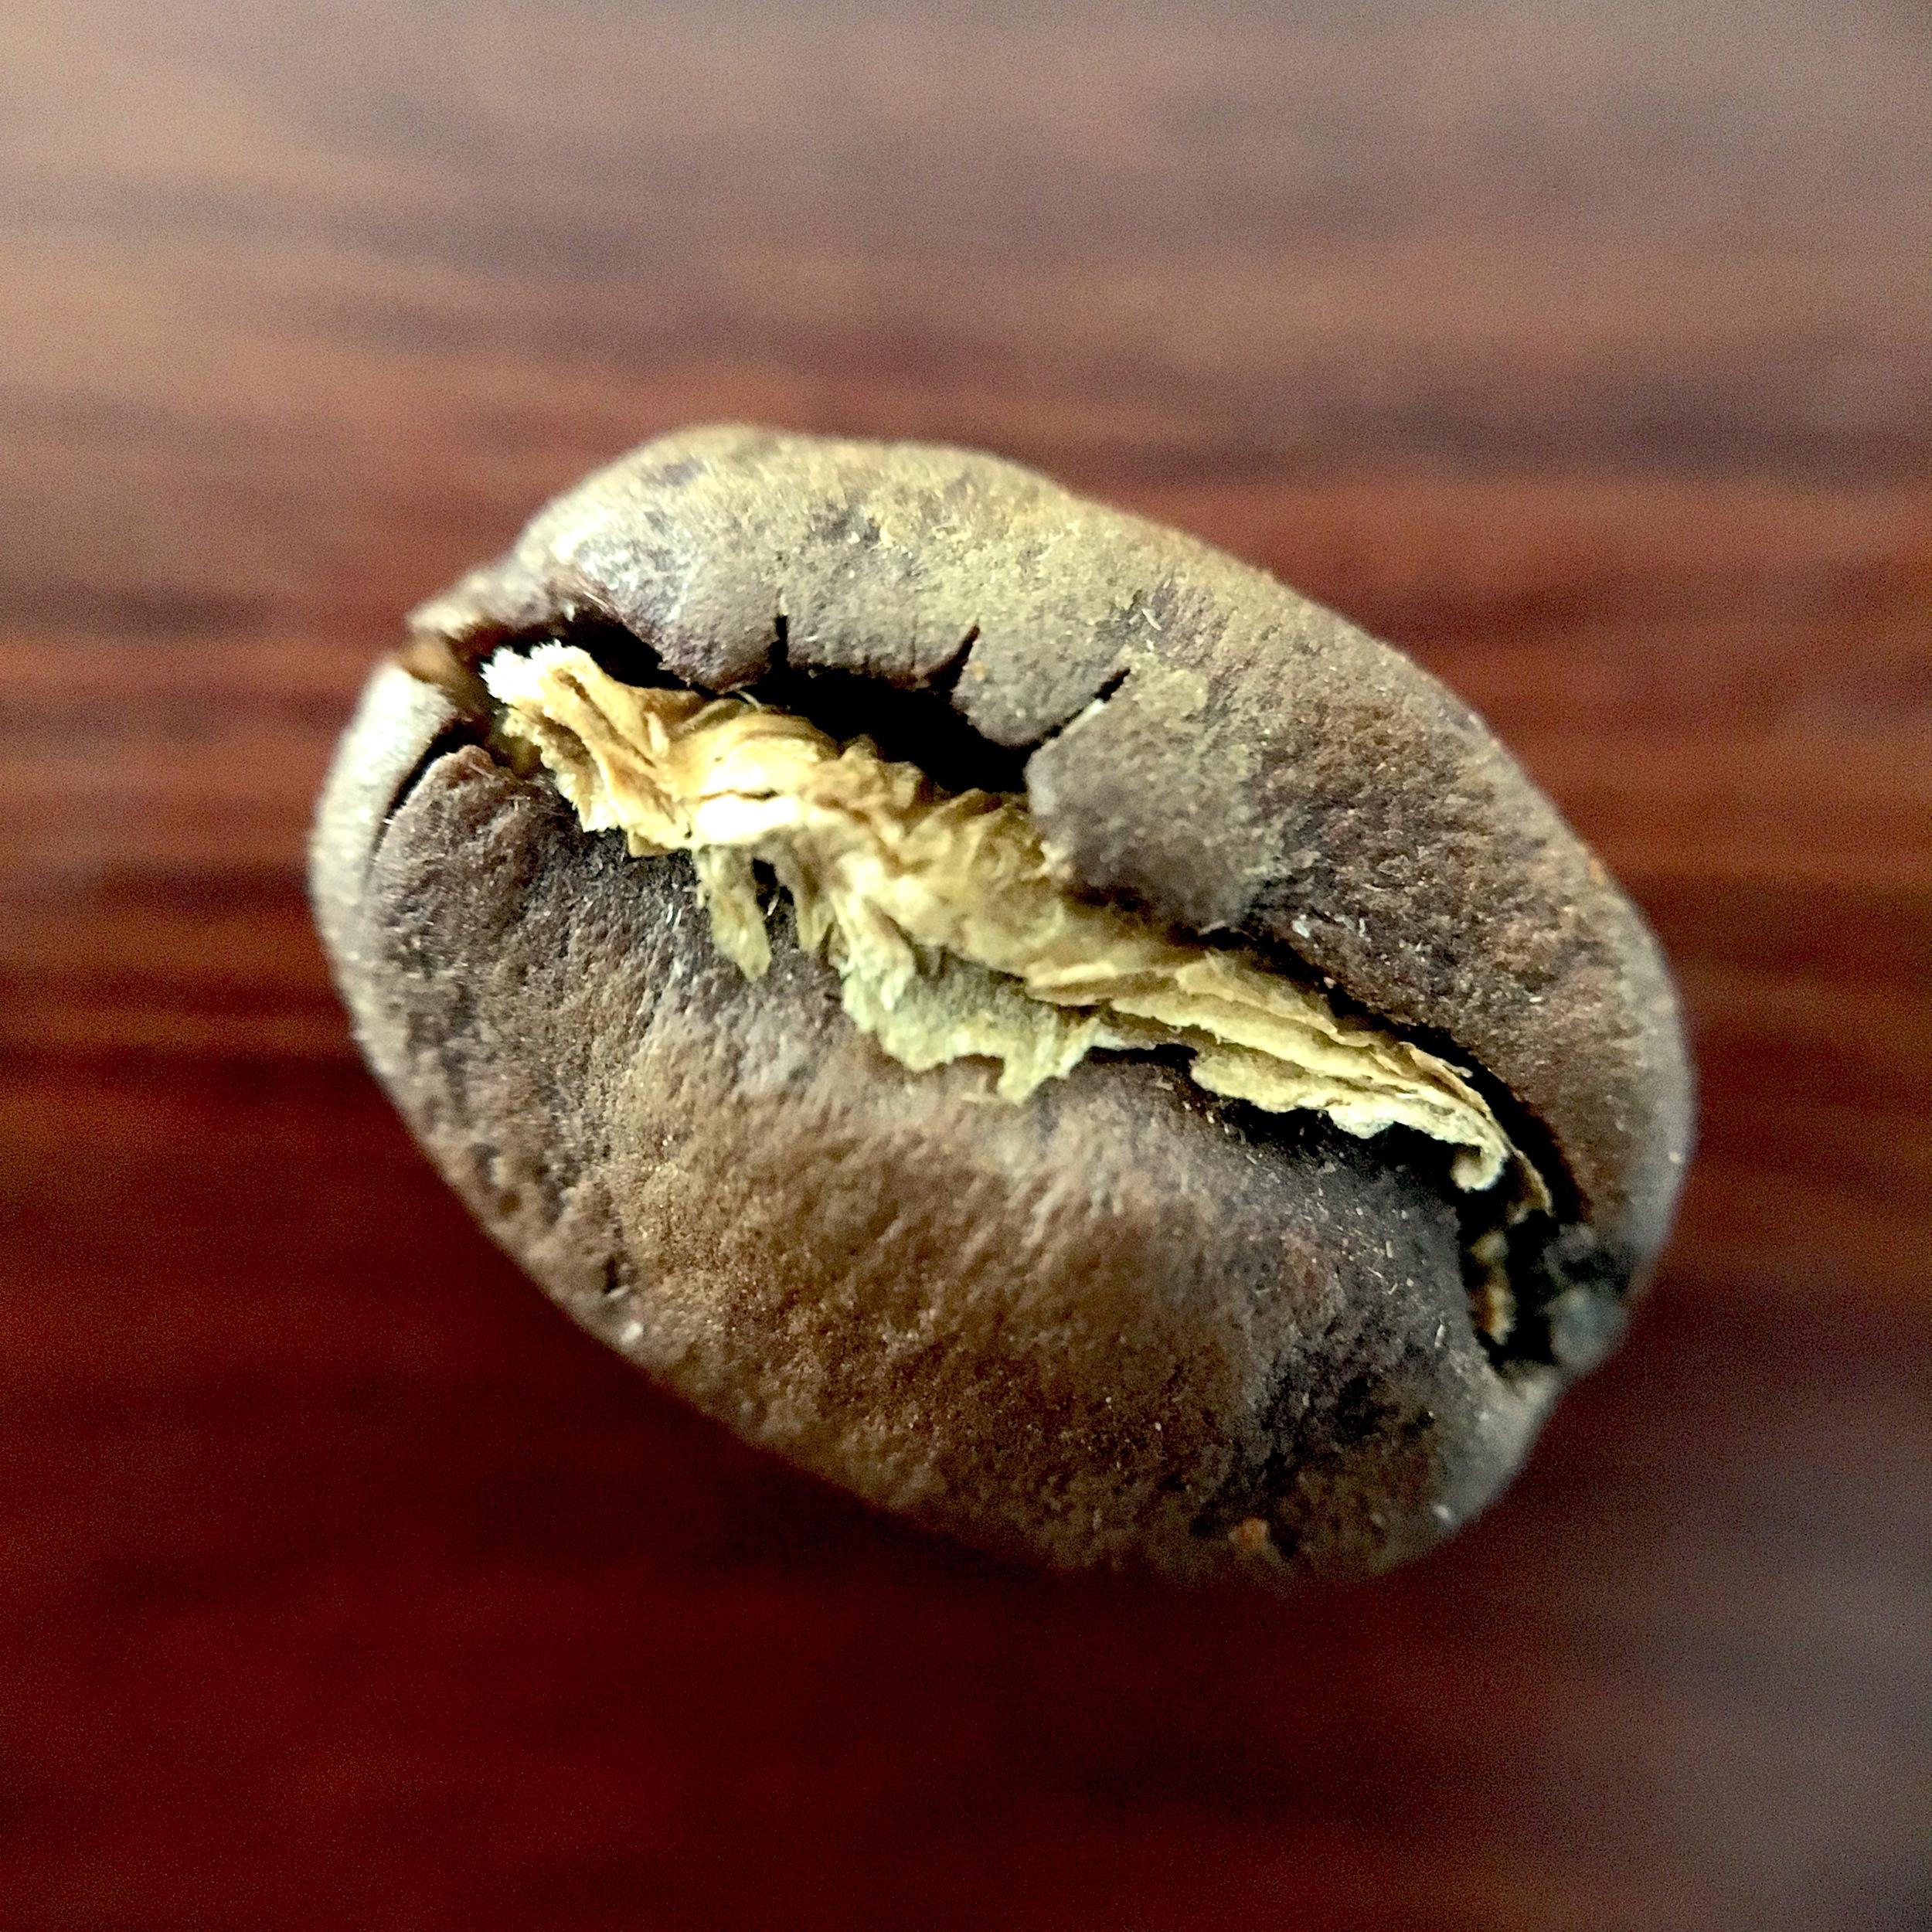 Heirloom Varietal Bean